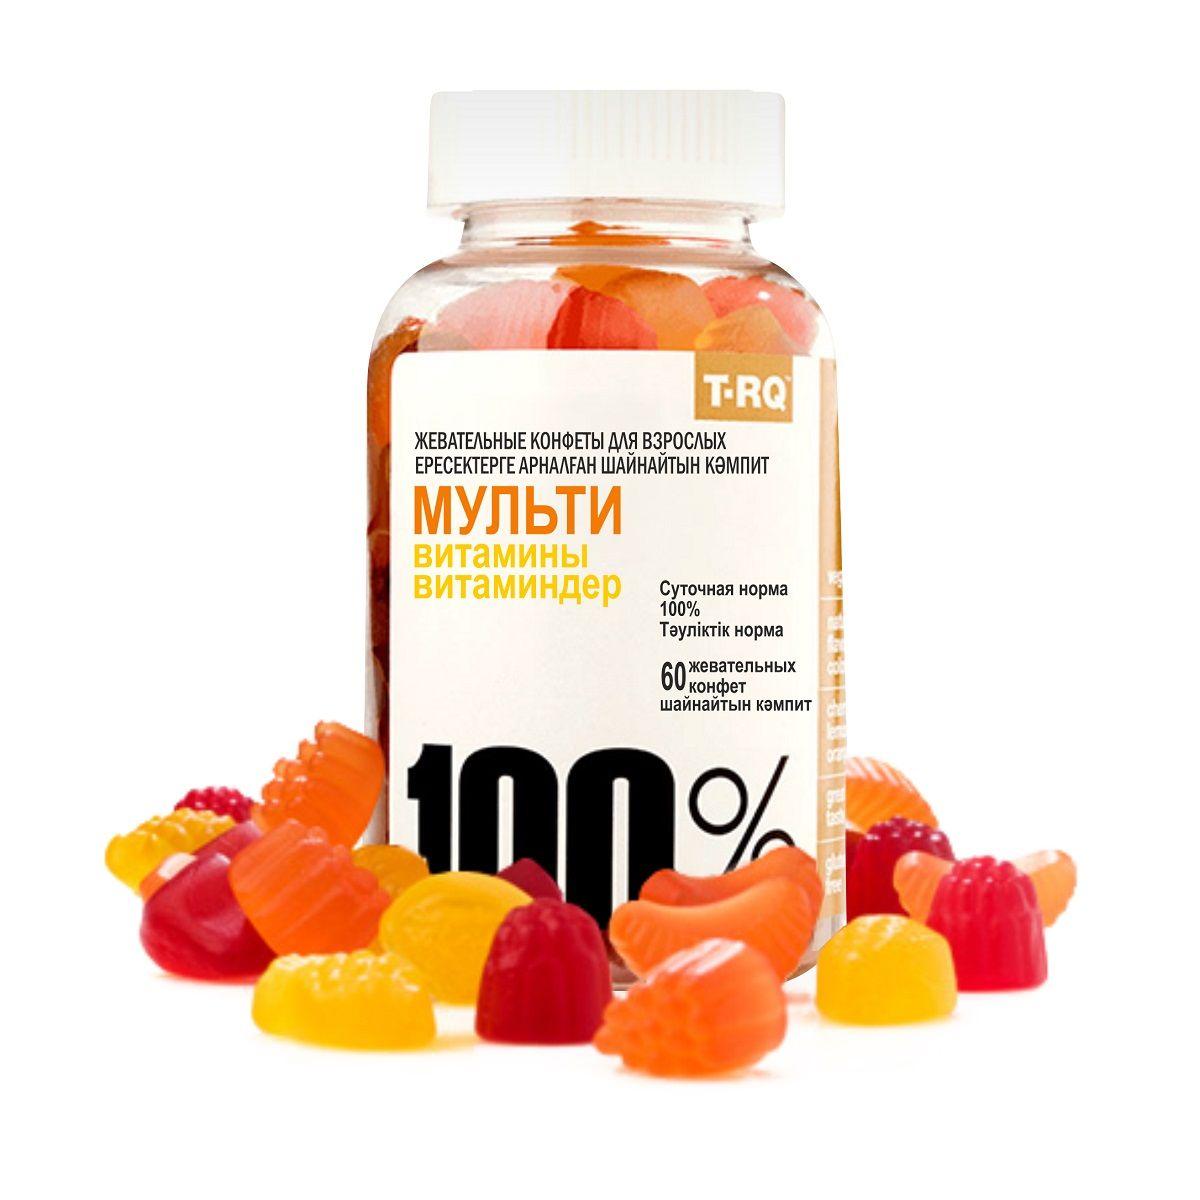 Драже жевательное Gummi King T-RQ, для взрослых, 60 штi6HRwhitestrapНаконец-то появилось отличное решение для тех, кто не любит глотать таблетки – сбалансированные мультивитамины для взрослых в мягких жевательных конфетах со вкусом натуральных фруктов.Gummi King T-RQ - жевательные мультивитамины для взрослых, содержащие 100% дневной нормы ключевых витаминов и минералов:витамины А и Д необходимы для красоты вашей кожи, крепких ногтей и зубов, хорошего зрения.витамин С поддерживает иммунитет, а также полезен для сосудовбиотин и витамин Е – это борьба со старением клеток, здоровые блестящие волосы, ровный цвет лицавитамины группы В –питание для нервных клеток, а также заряд бодрости и энергиихолин и яблочный пектин способствуют пищеварению, выводят токсины и рекомендованы желающим снизить весинозитол – природный антистресс, борьба с раздражительностью, нормальный сонВсе витамины Gummi King гипоаллергенны: в их составе отсутствуют пшеница (глютен), молоко, яйца, соя, арахис и другие орехи, искусственные ароматизаторы и консервантыРЕКОМЕНДАЦИИ К ПРИМЕНЕНИЮ:по 1 пастилке х 2 раза в день после едыНе рекомендуем сочетать: с витаминами для глазПротивопоказания: аллергия на лимоны, апельсины, вишню, индивидуальная непереносимость компонентов, беременность, кормление грудью.Товар не является лекарственным средством. Товар не рекомендован для лиц младше 18 лет. Могут быть противопоказания и следует предварительно проконсультироваться со специалистом.